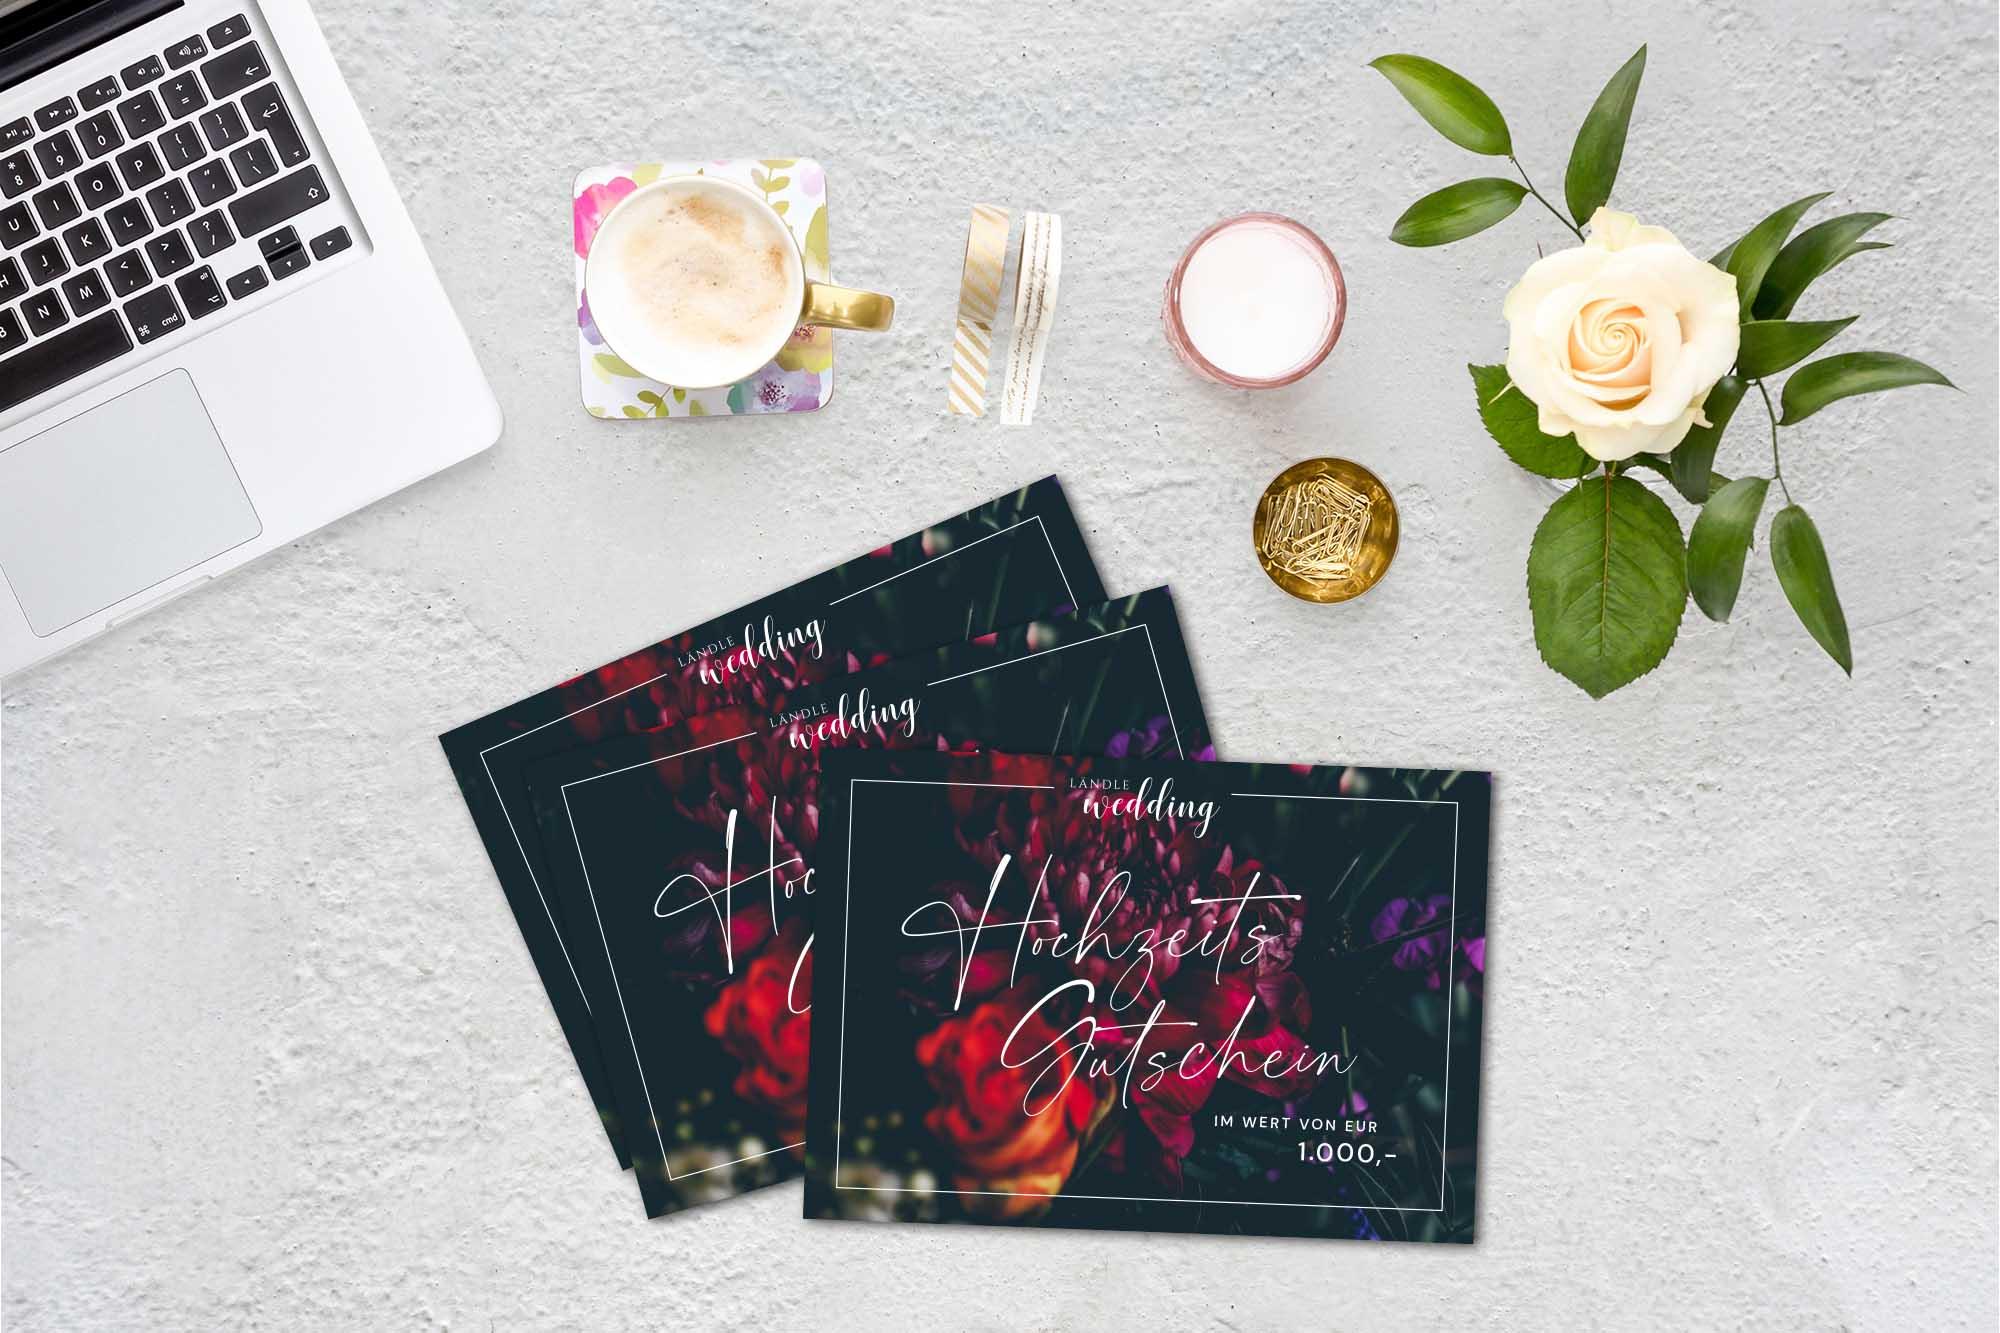 Das Vorarlberger Hochzeitsbuch | Heiraten in Vorarlberg